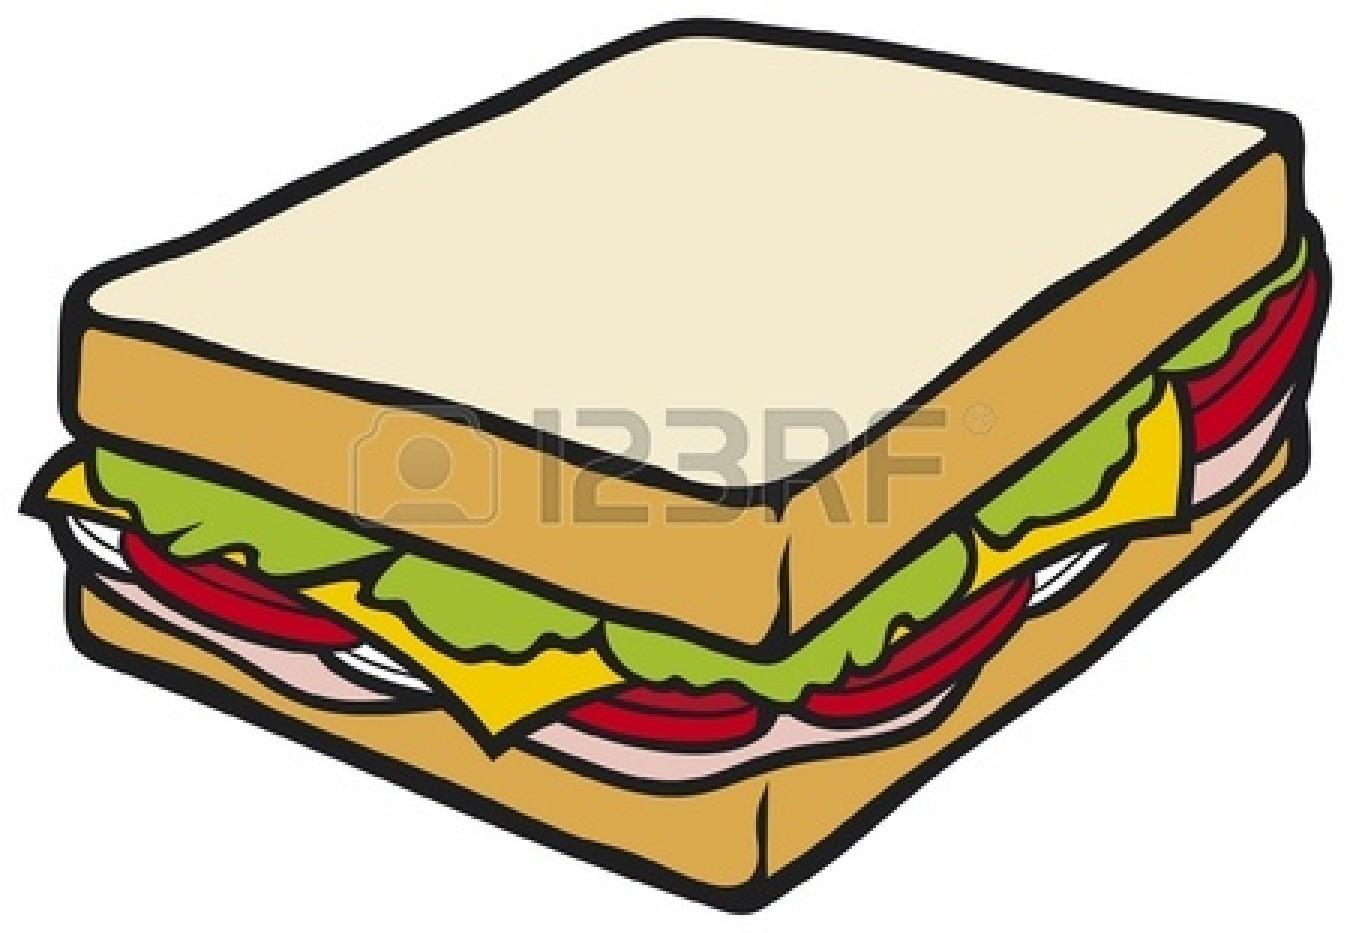 Sandwich clipart. Panda free images cheesesandwichclipart